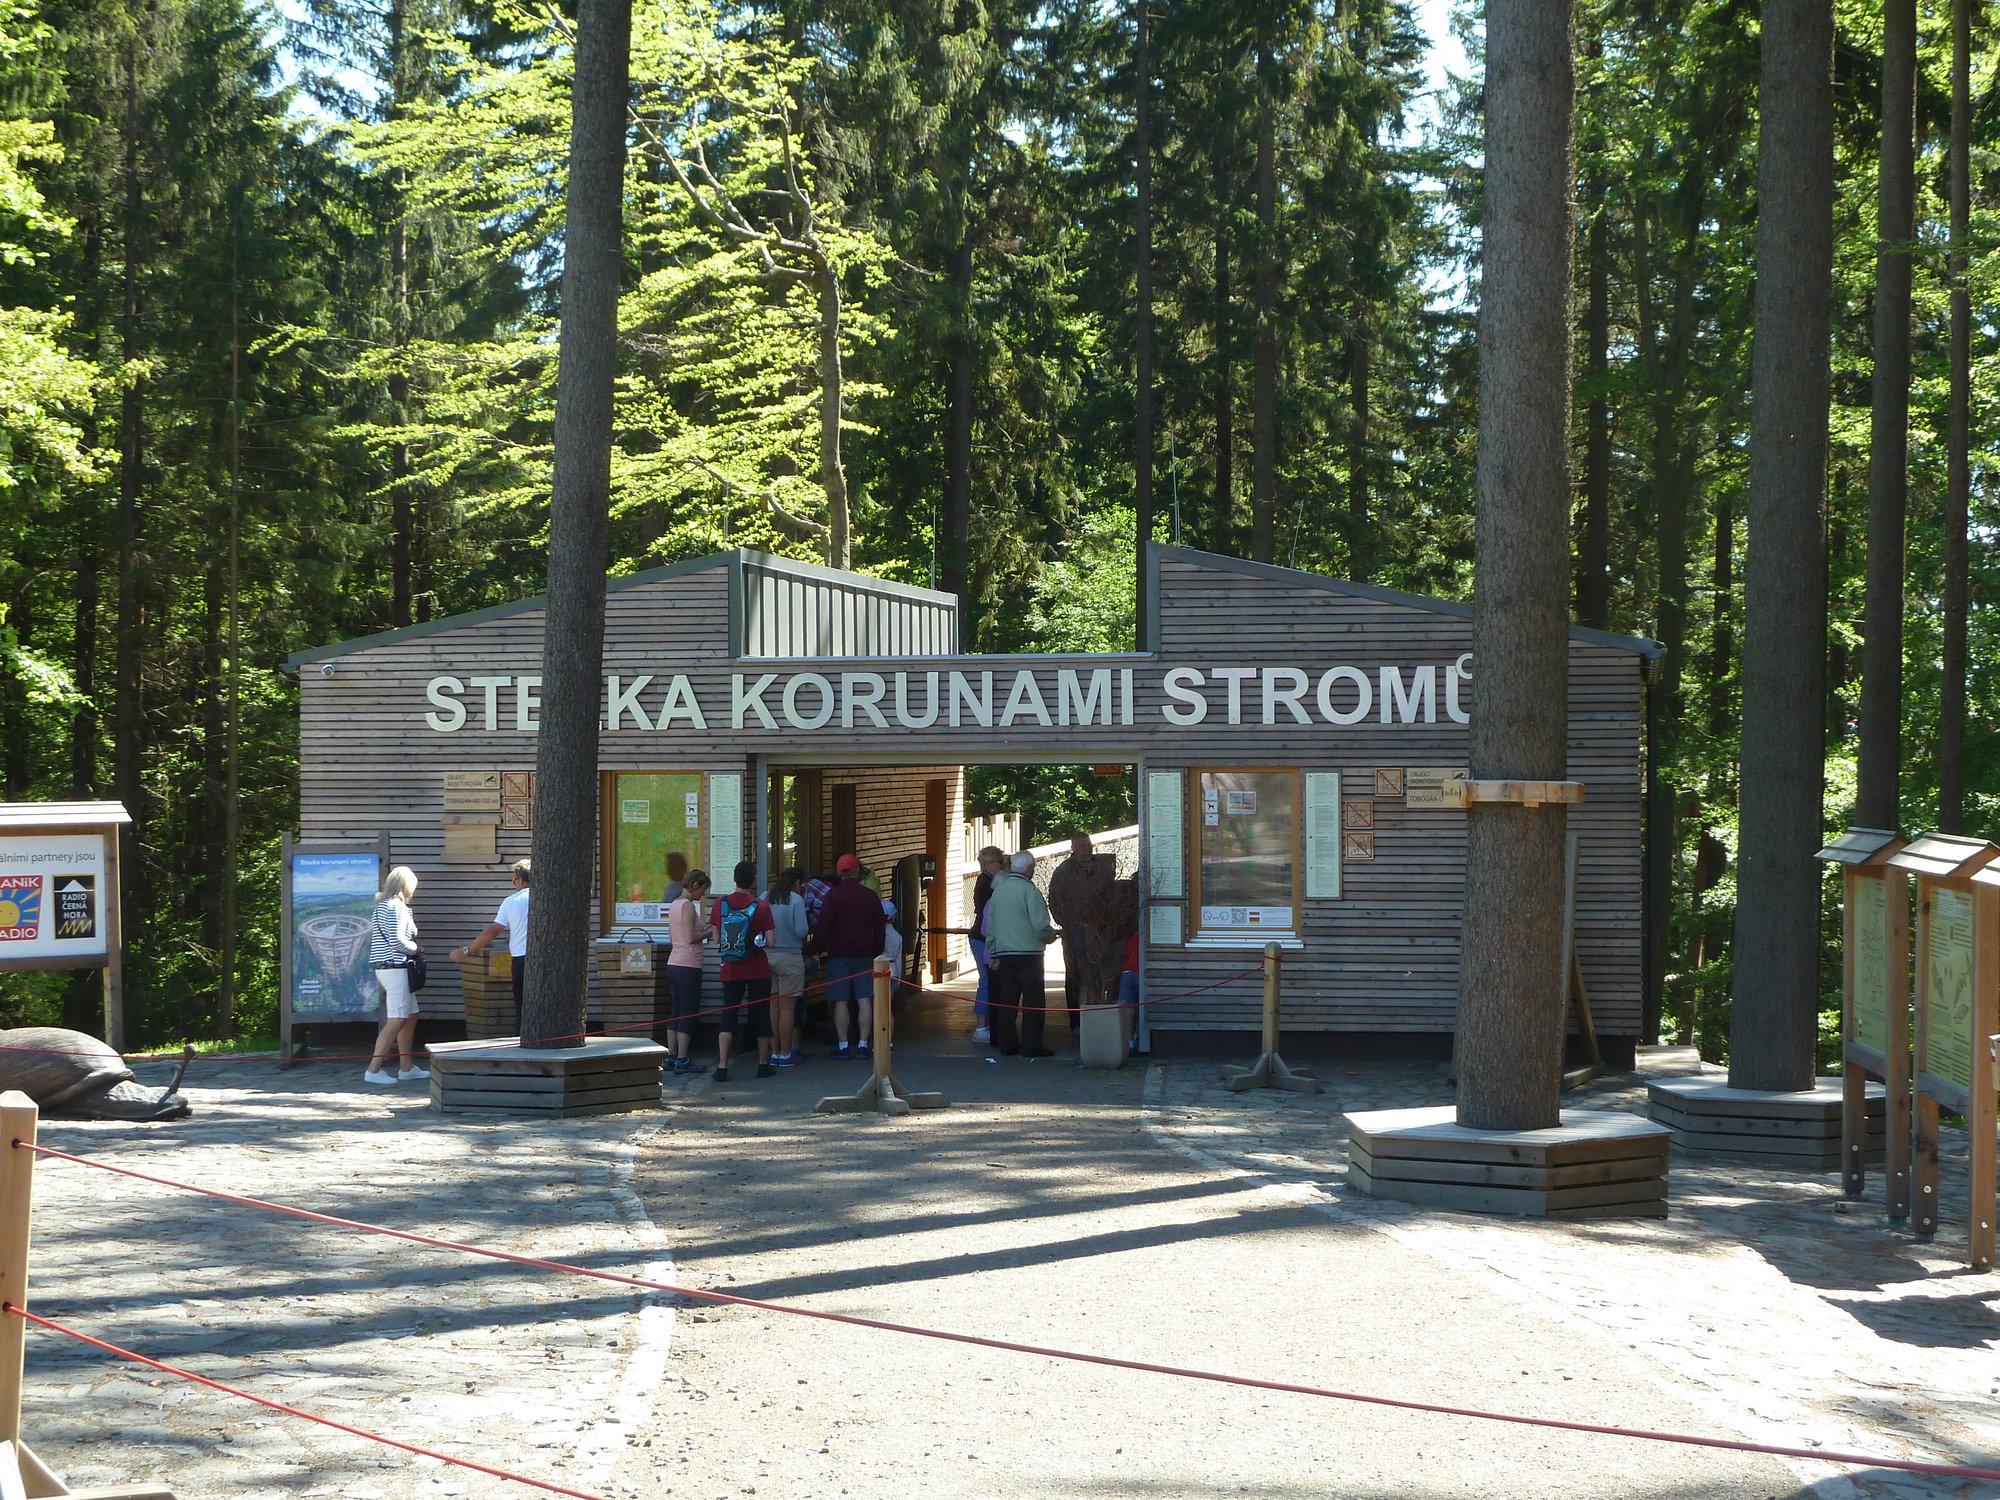 CZ, Janske Lazne – Korunami Stromu Nature Trail in the